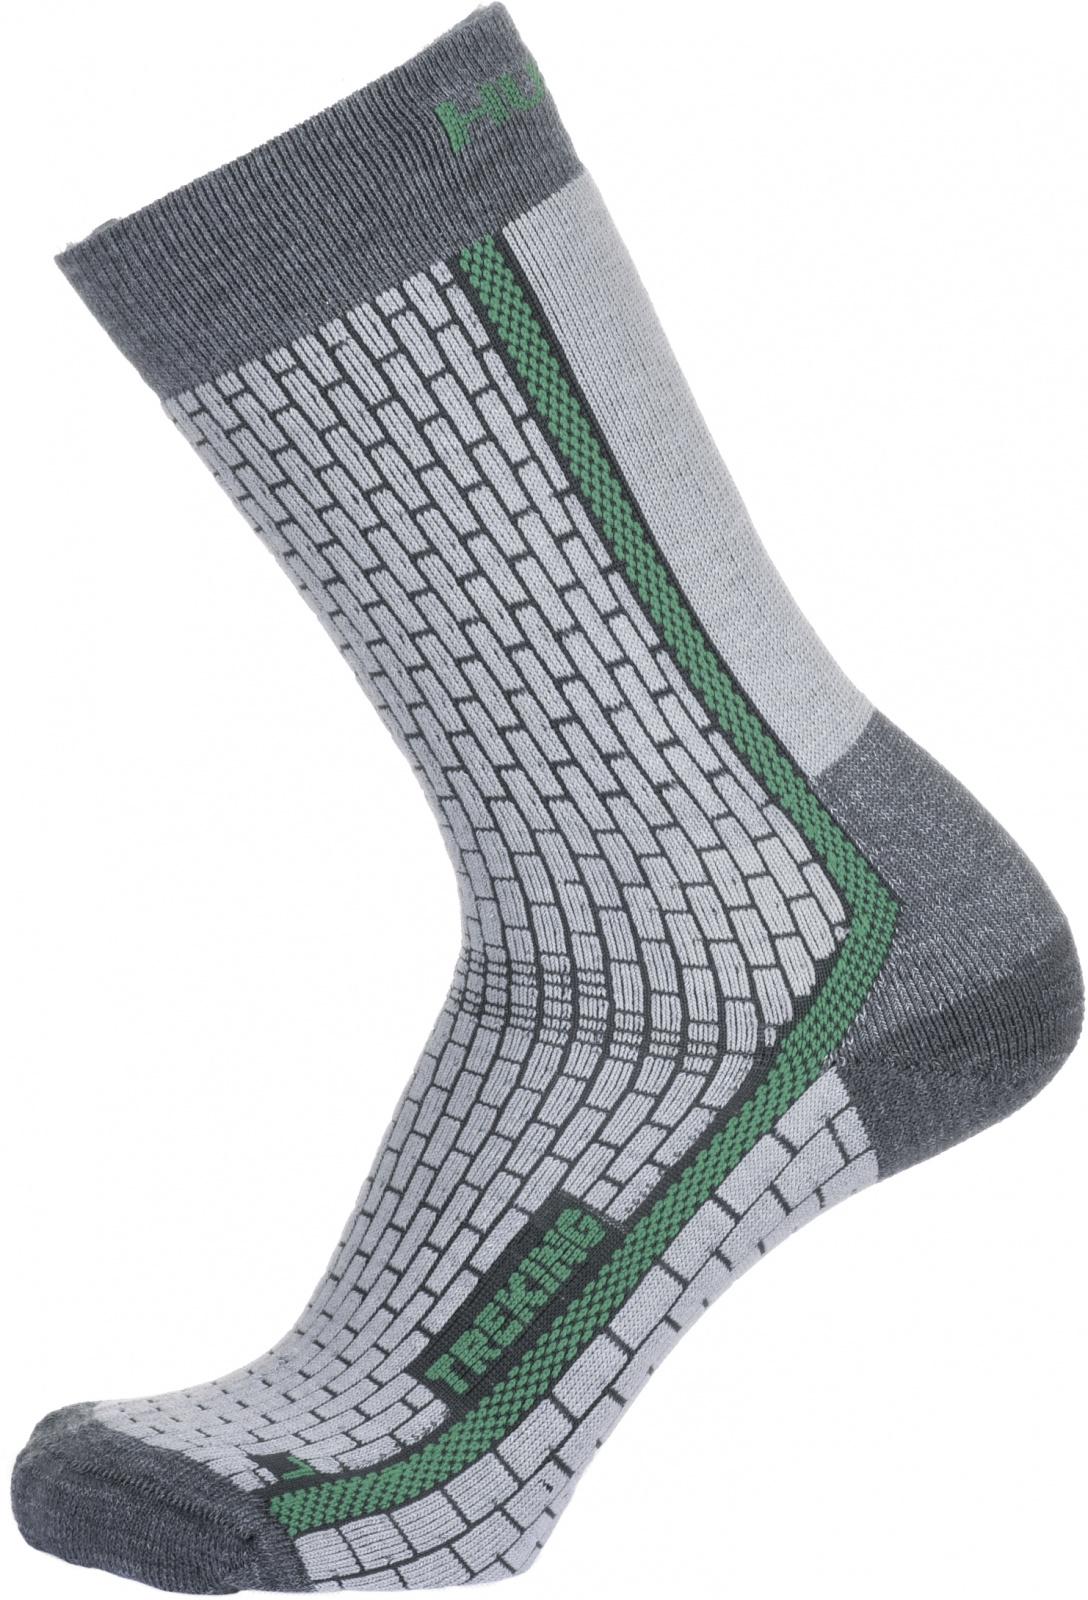 Husky Ponožky Treking šedá/zelená Velikost: M (36-40) ponožky